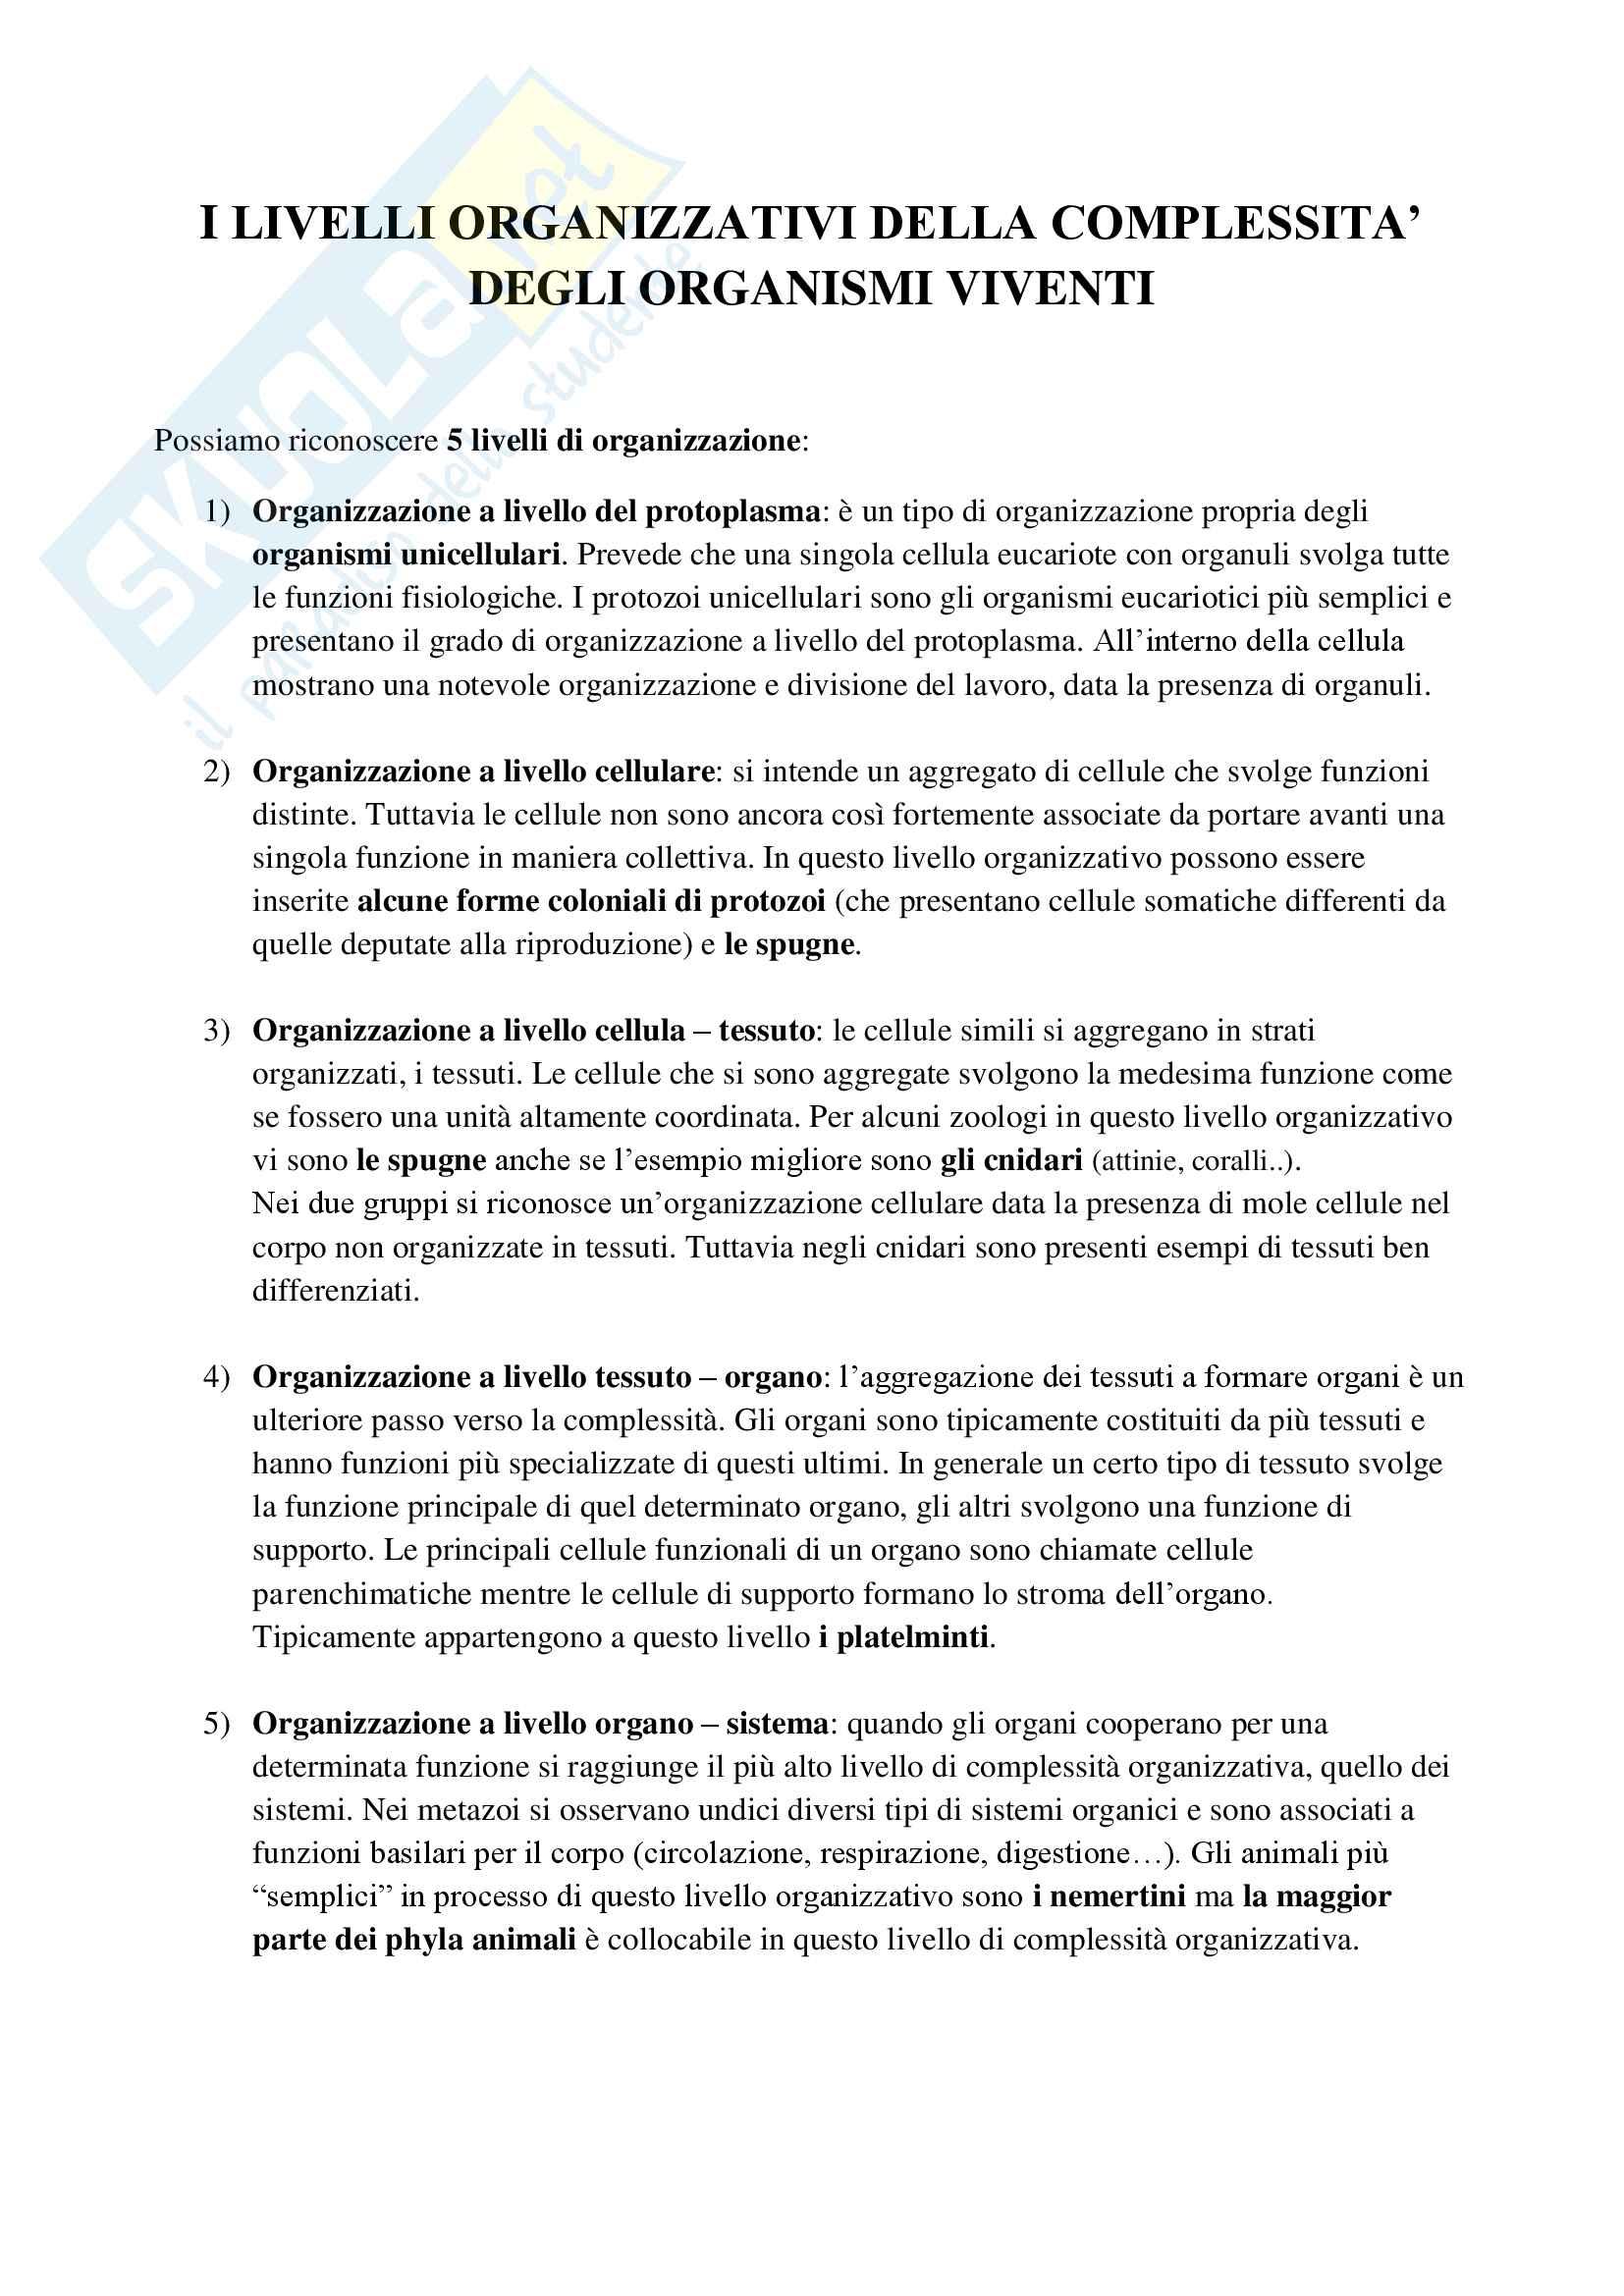 Appunti di Zoologia per l'esame del corso di laurea triennale in Scienze Biologiche (Università Milano Bicocca) Pag. 26